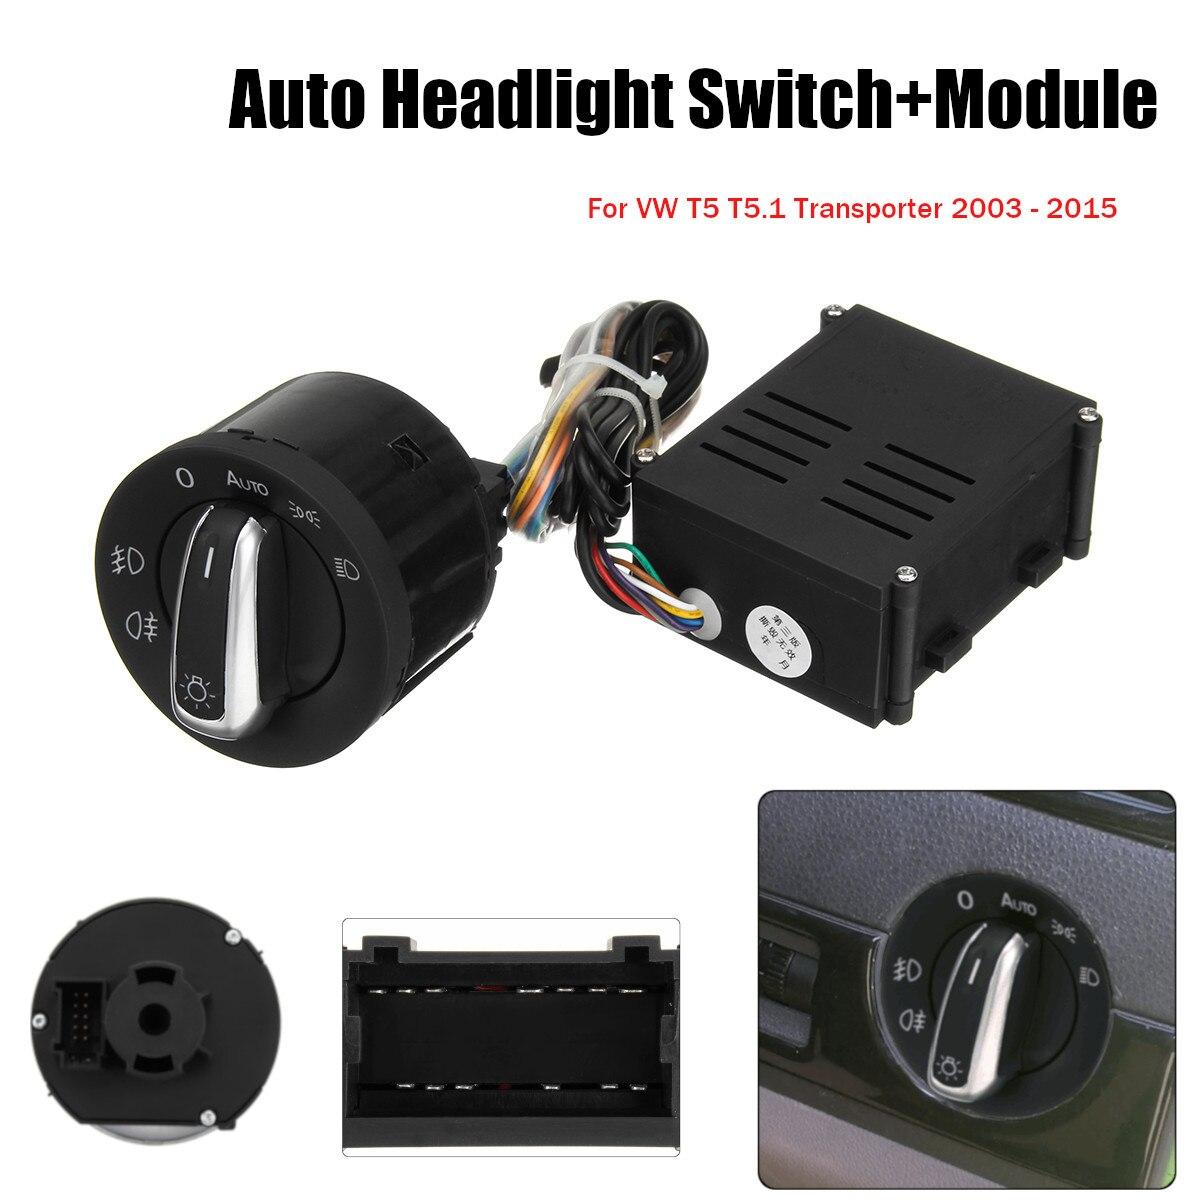 Sensore Fari Auto Auto Faro Interruttore + Modulo di Controllo per VW T5 T5.1 Transporter 2003-2015